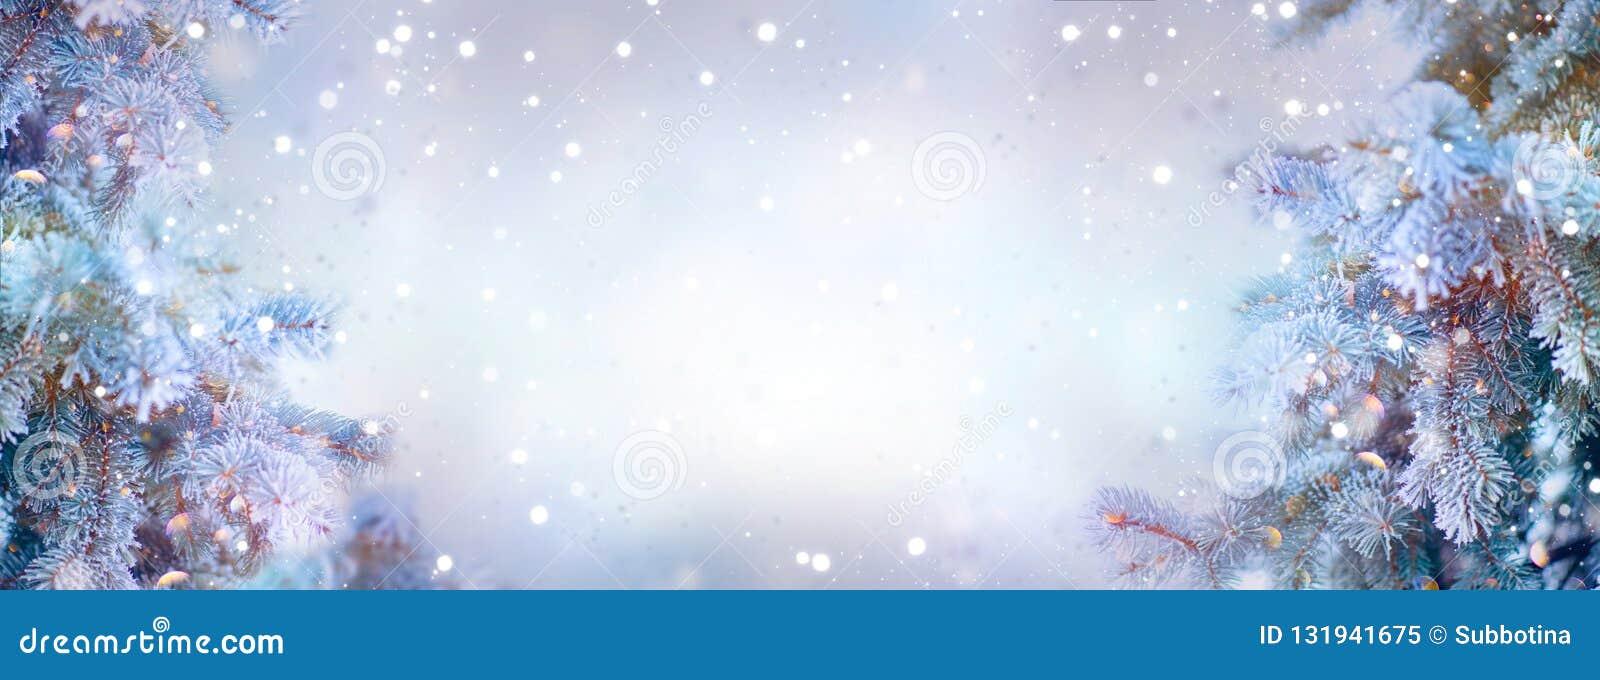 Arbres de vacances de Noël Fond de neige de frontière Flocons de neige Sapin bleu, beau Noël et conception d art d arbres de Noël